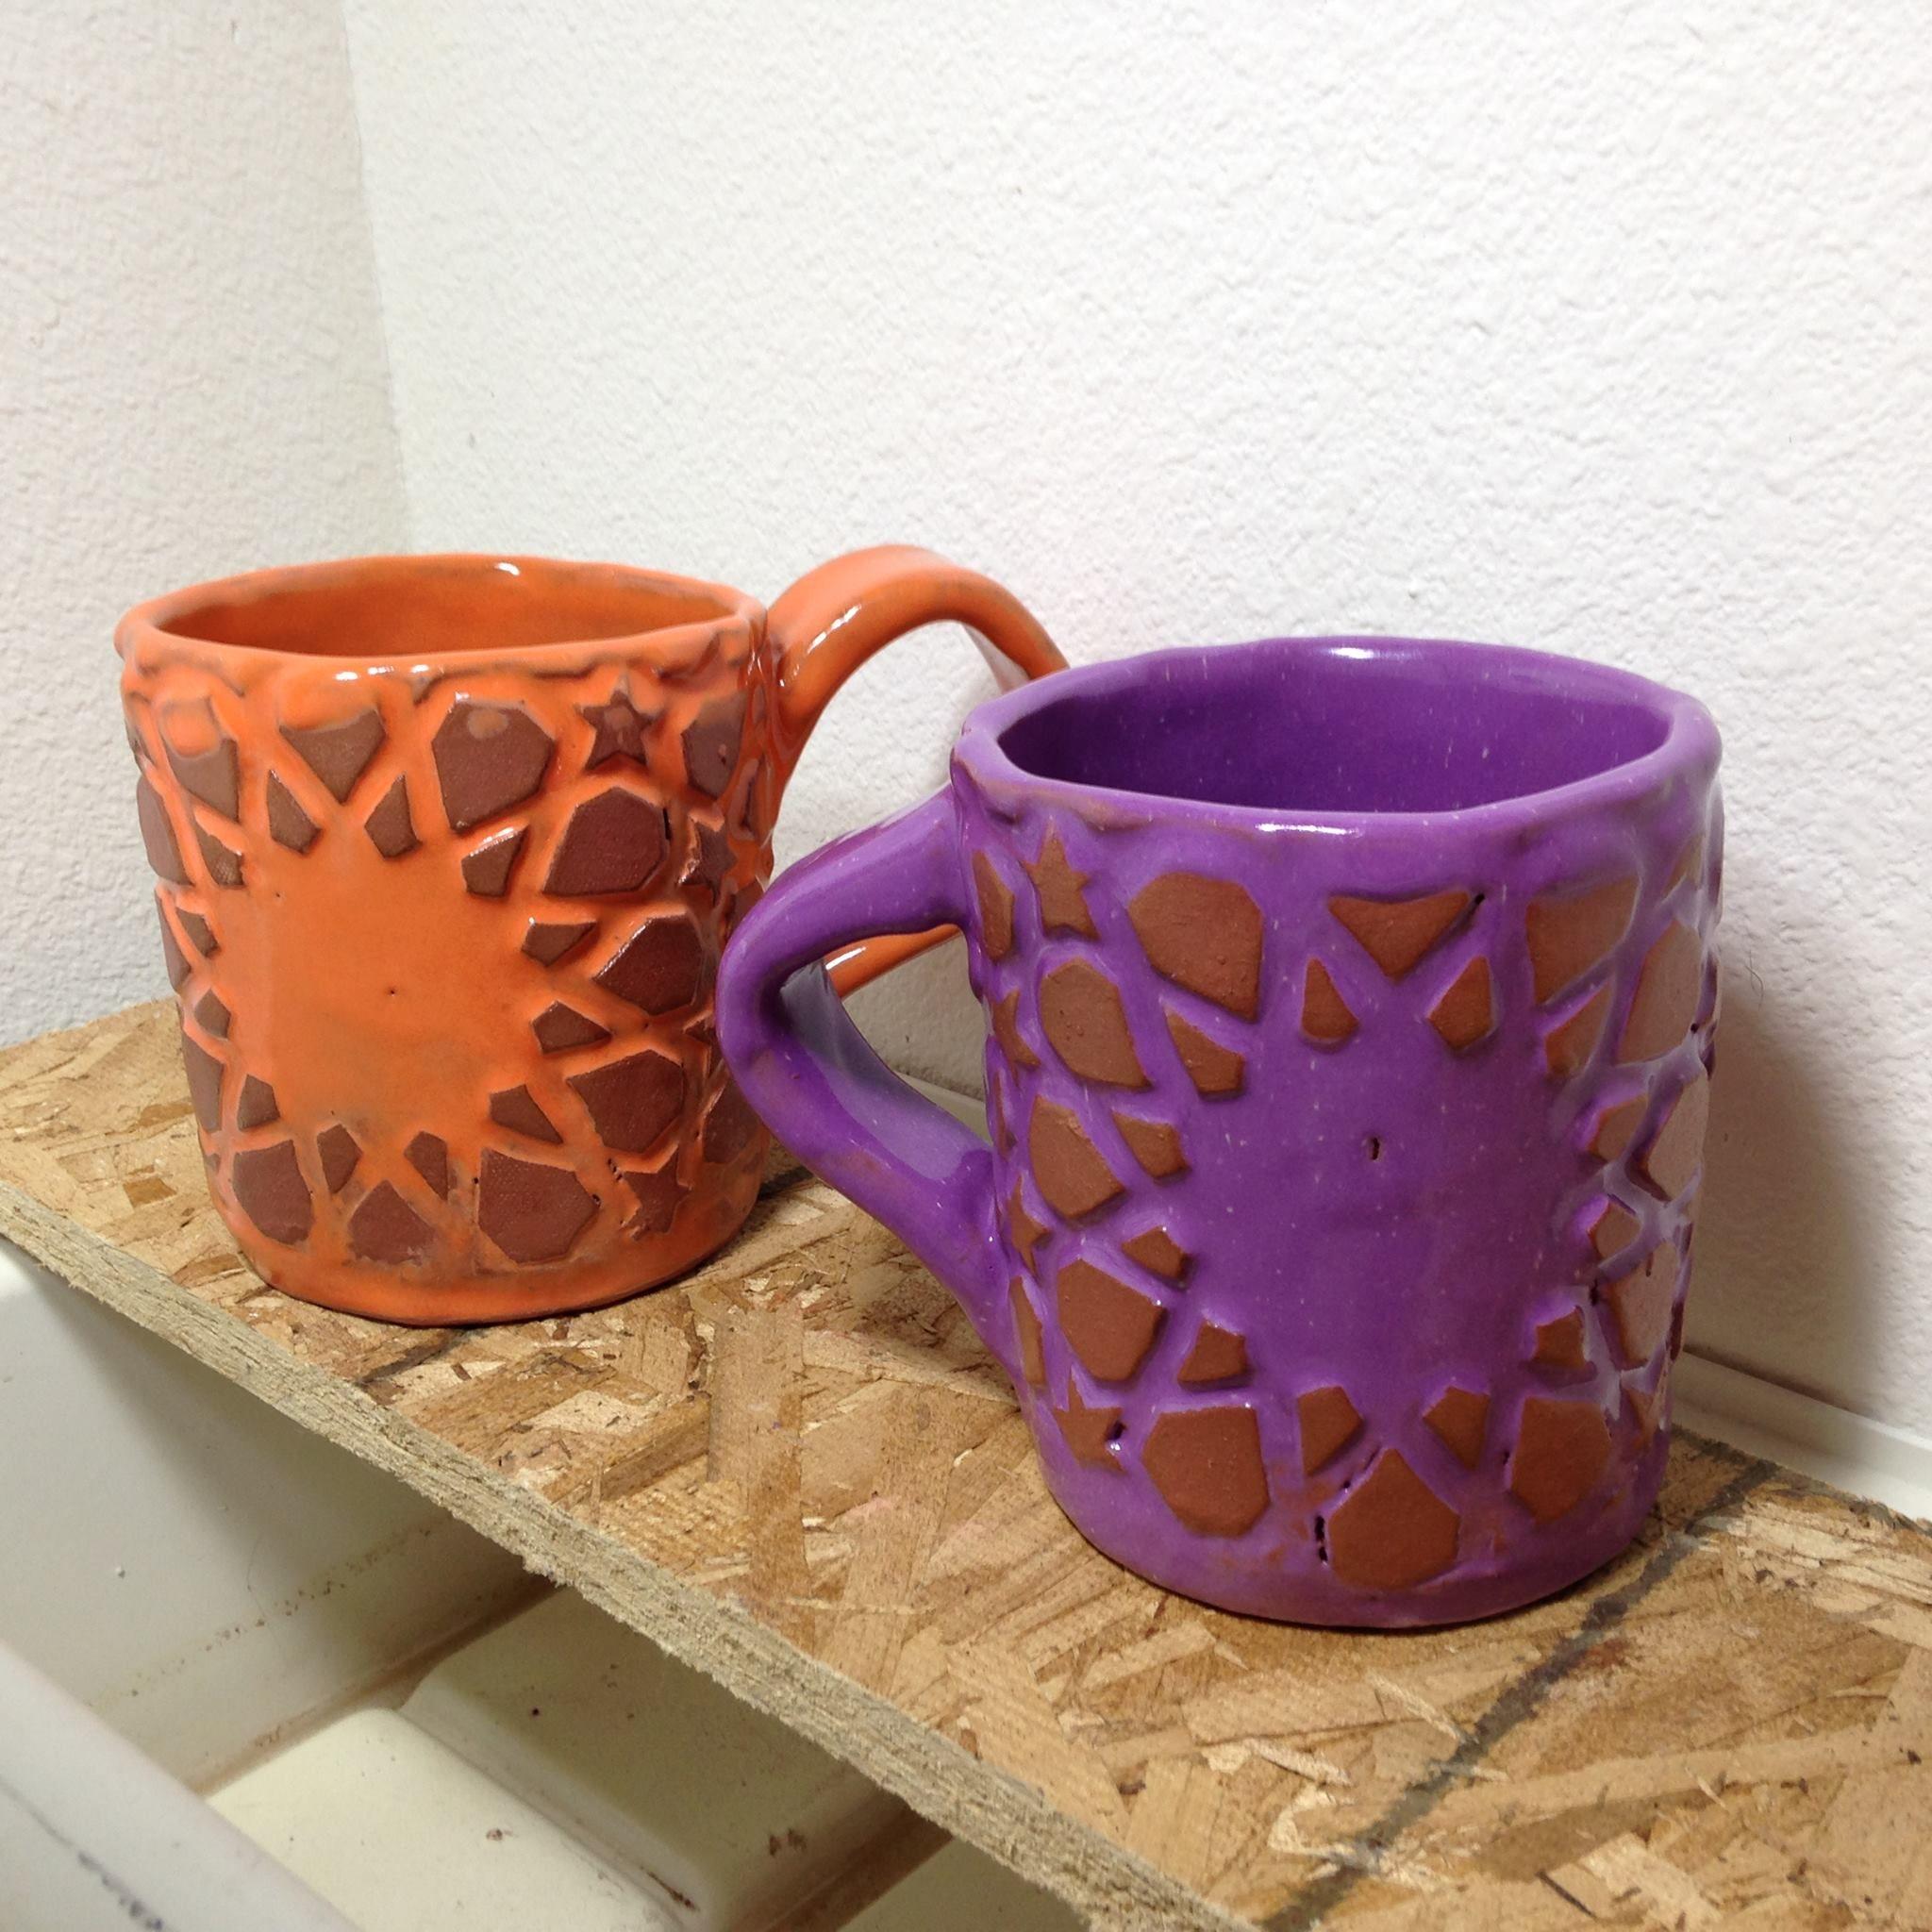 #Clay #ceramics #ironoxide #redclay #mug #coffecup